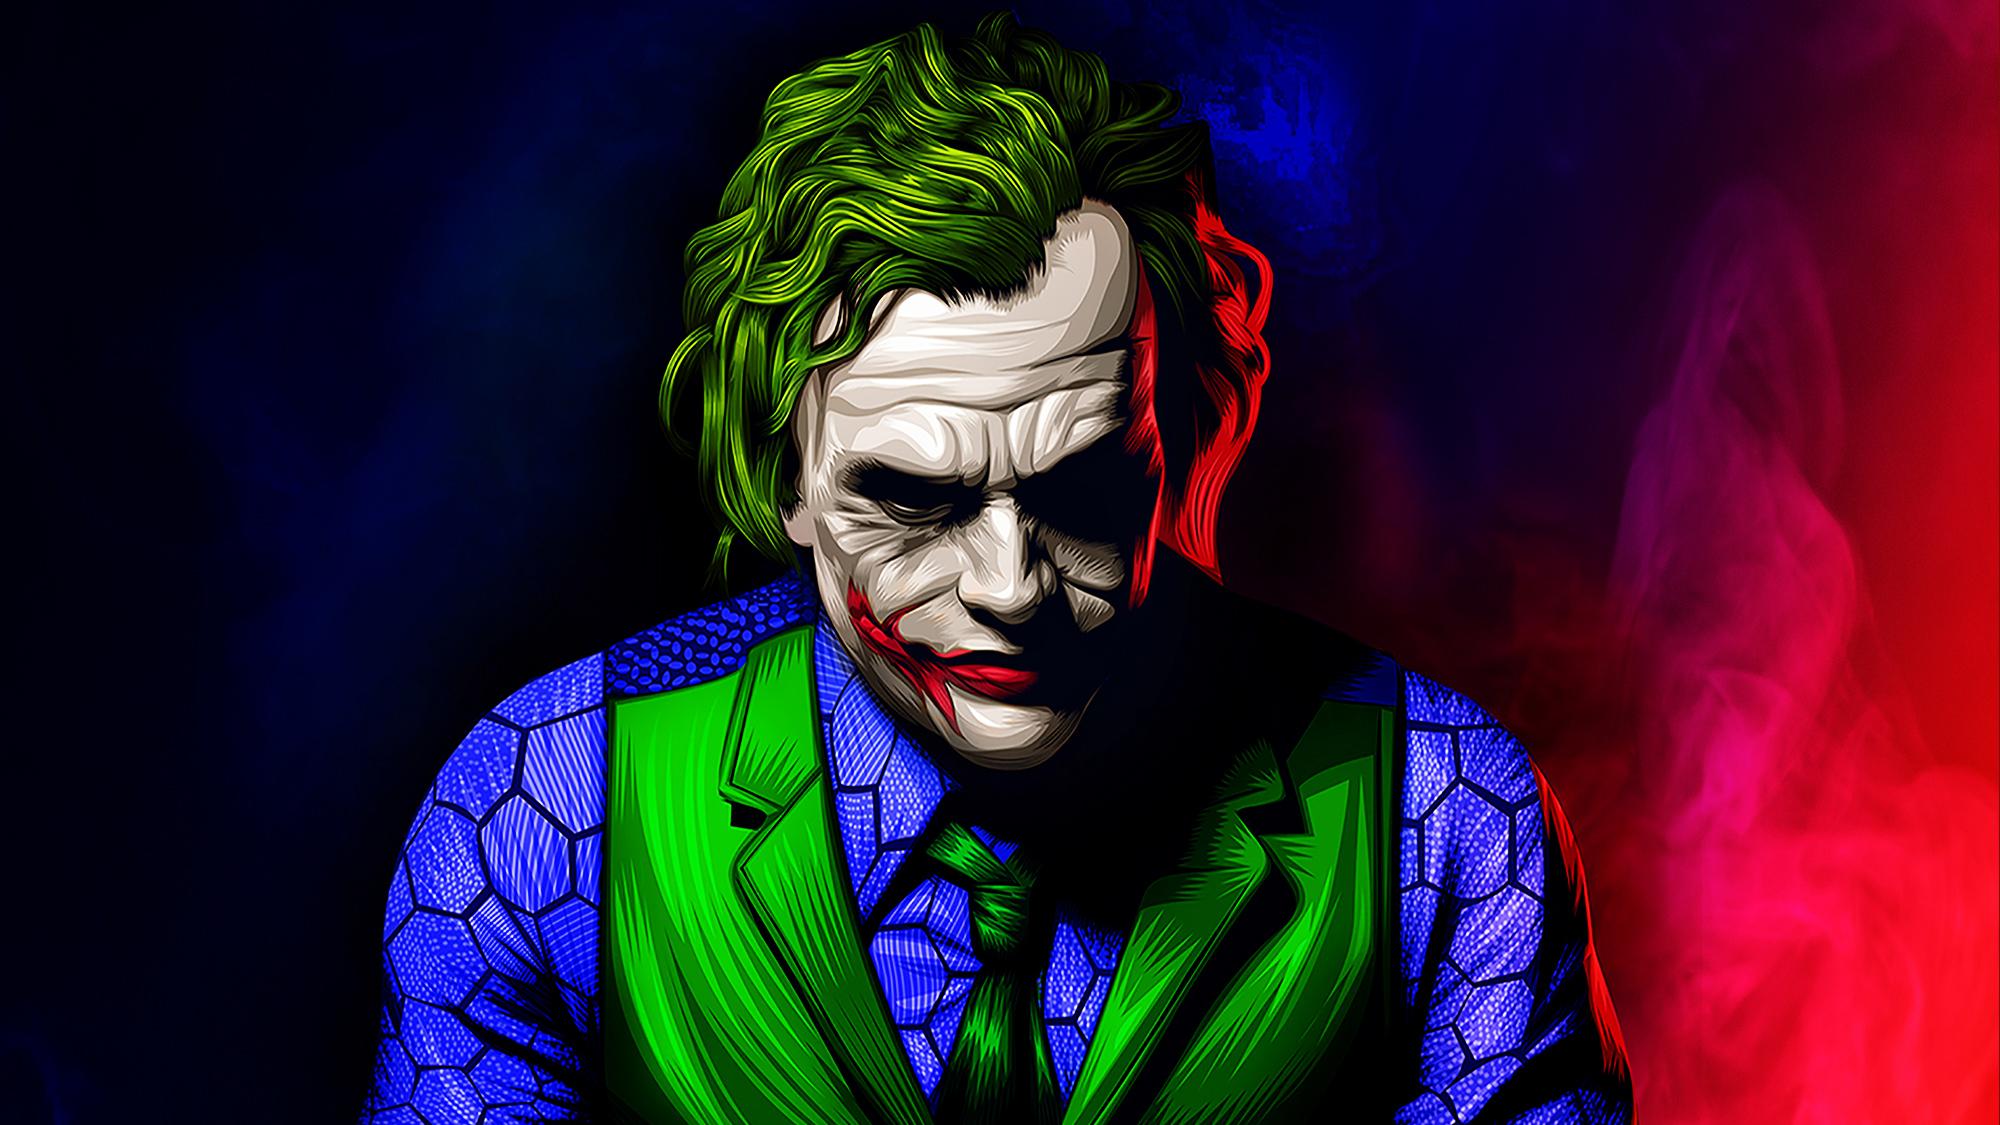 Joker Fond D Ecran Hd Arriere Plan 2000x1125 Id